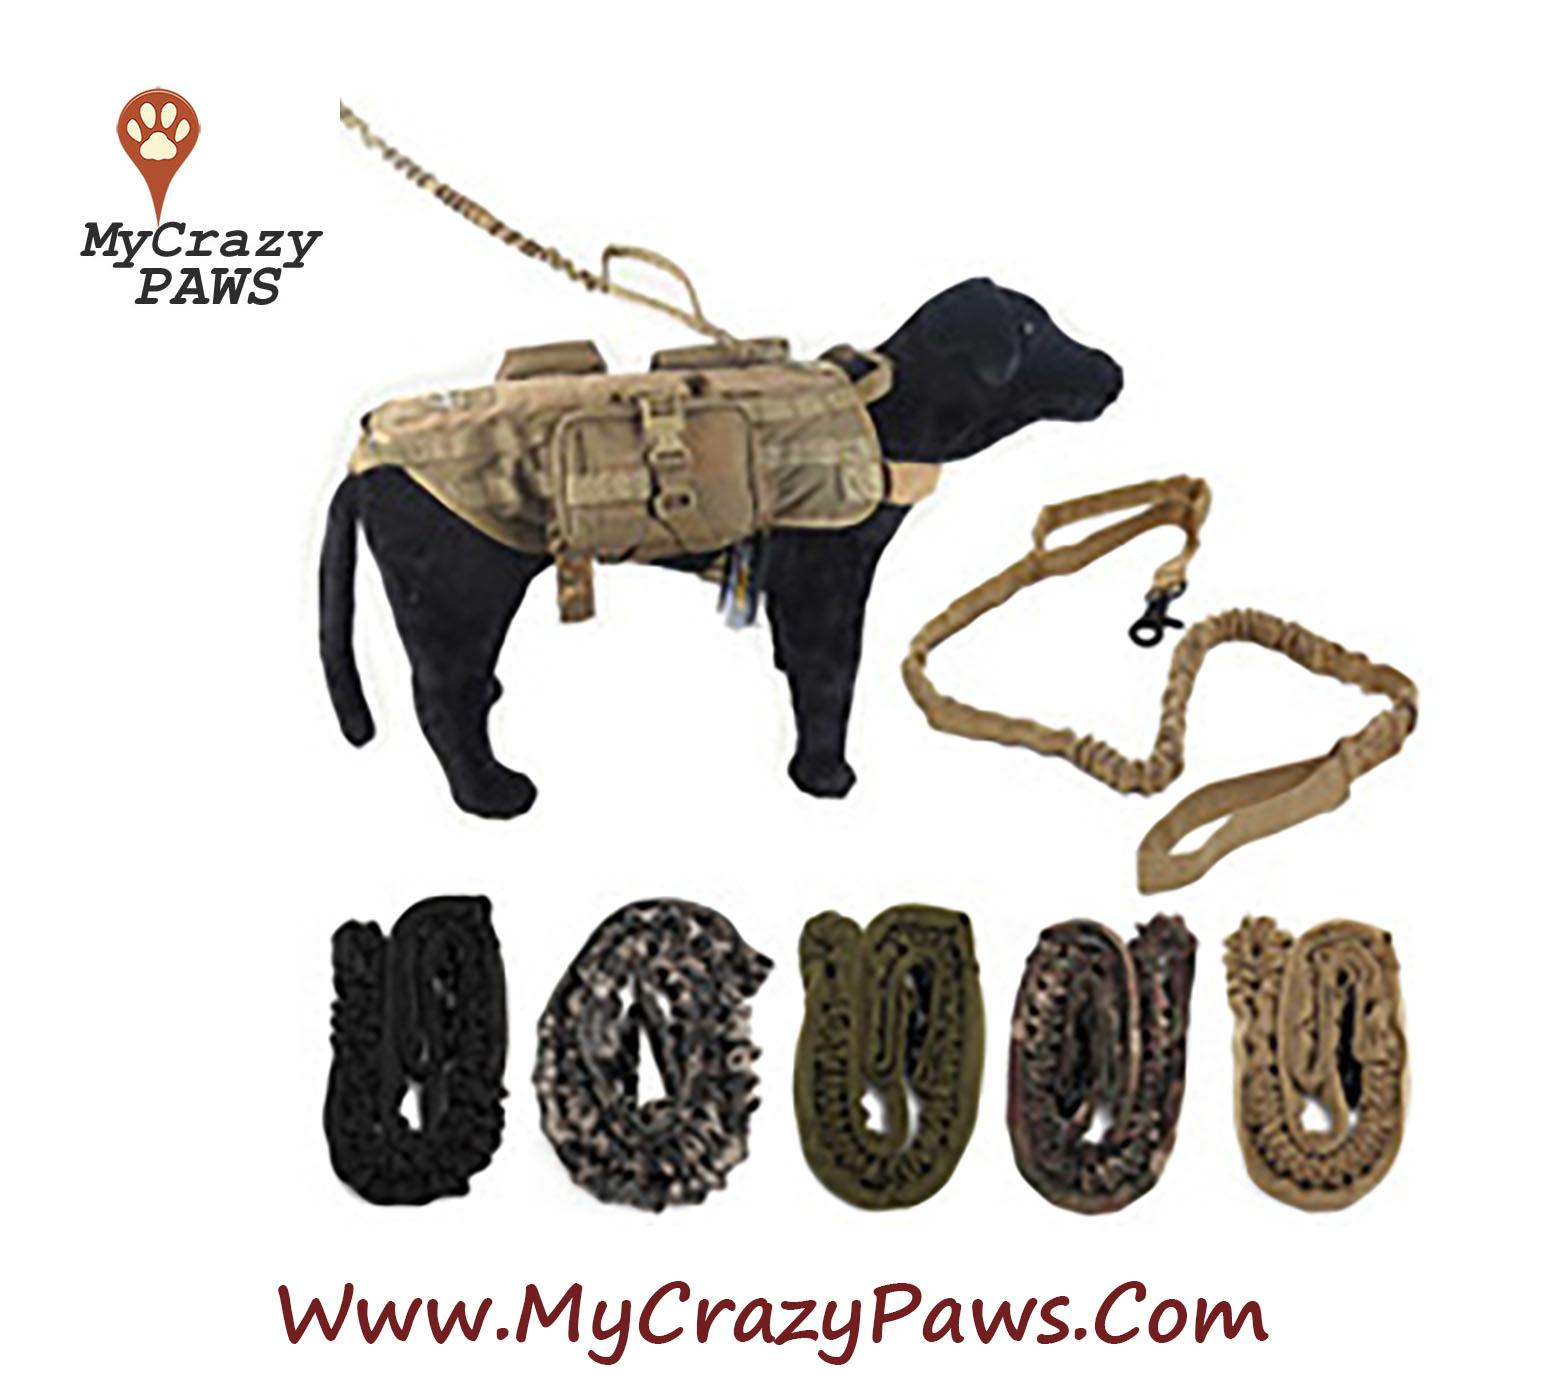 Rugged Dog Leash